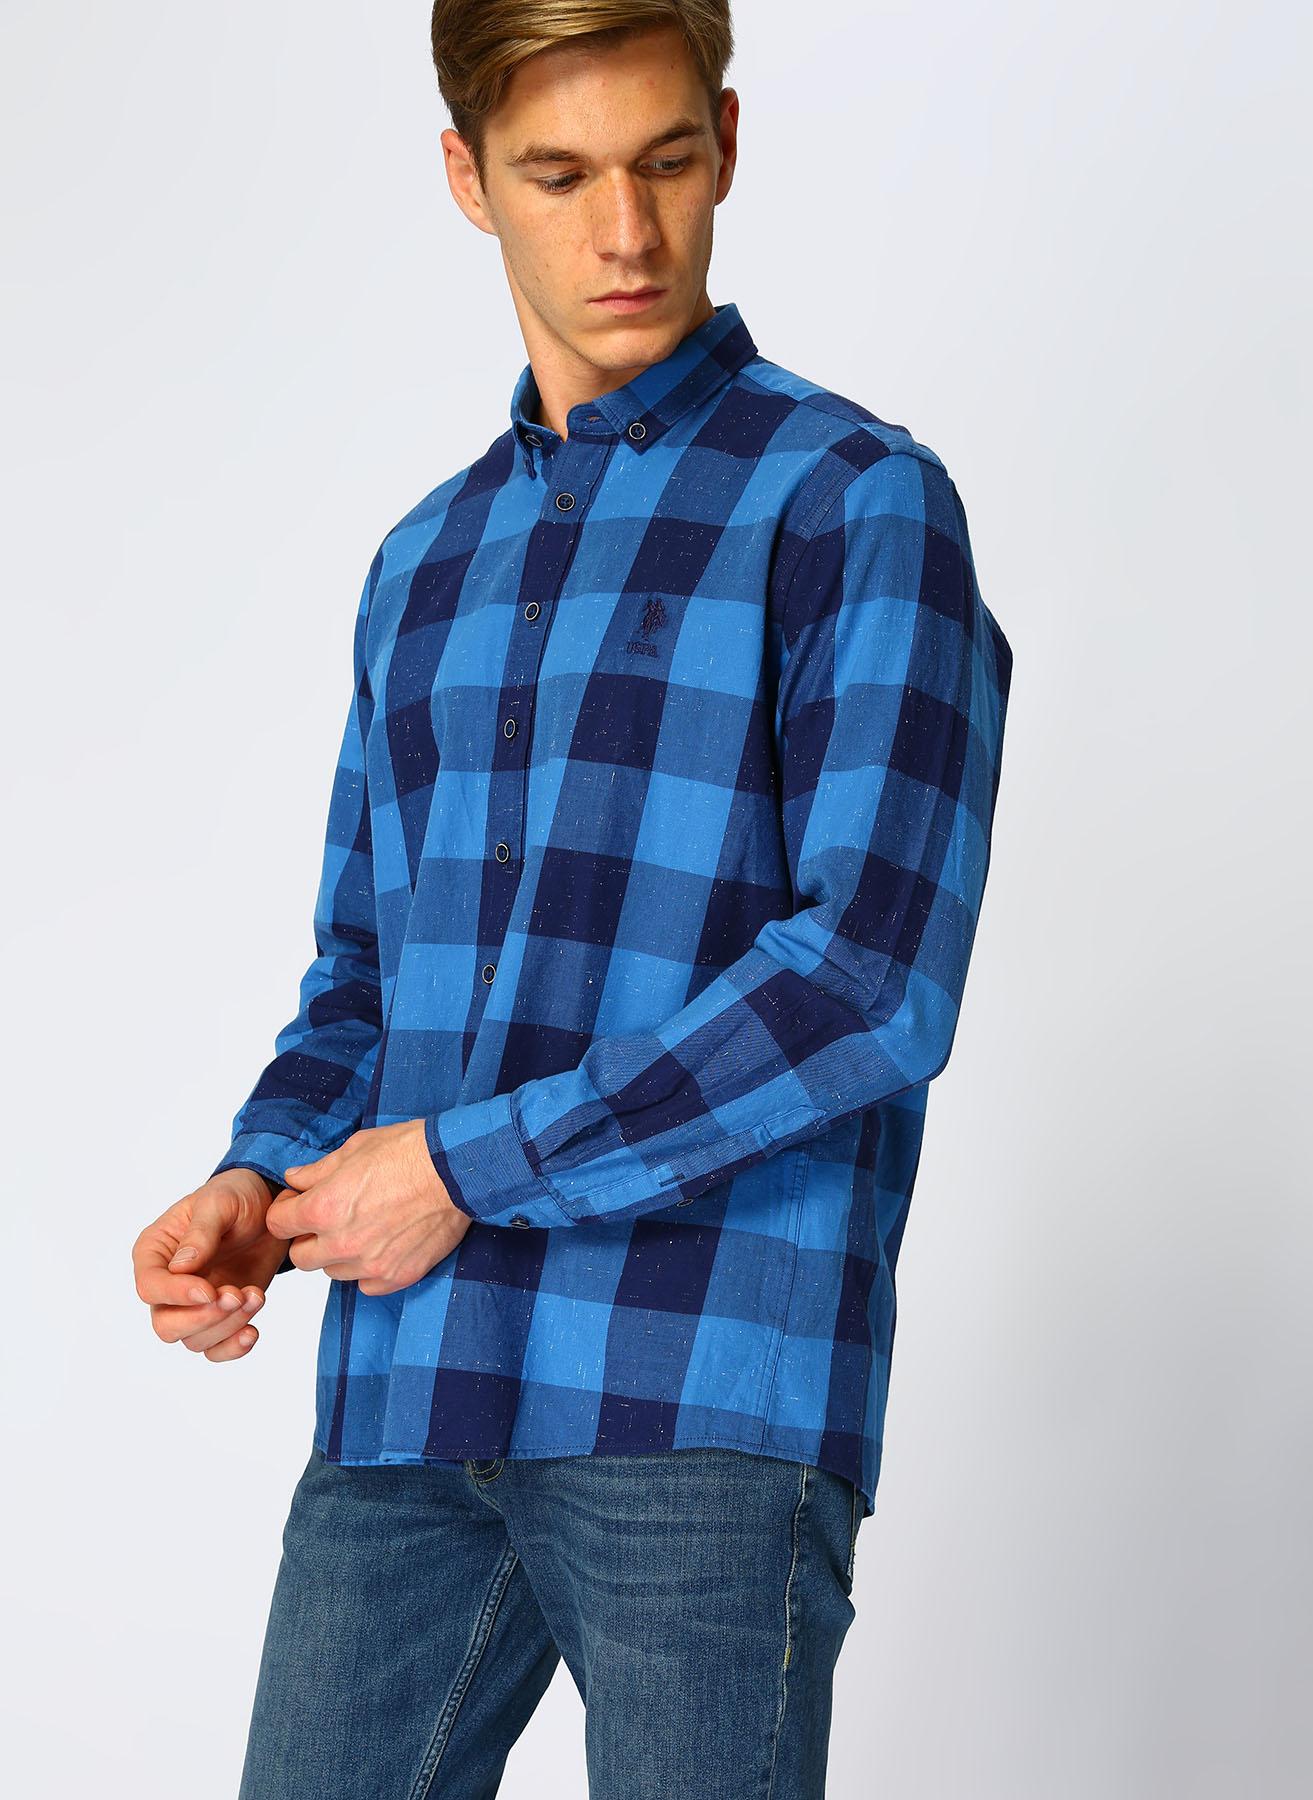 U.S. Polo Assn. Mavi Gömlek 2XL 5001704594001 Ürün Resmi